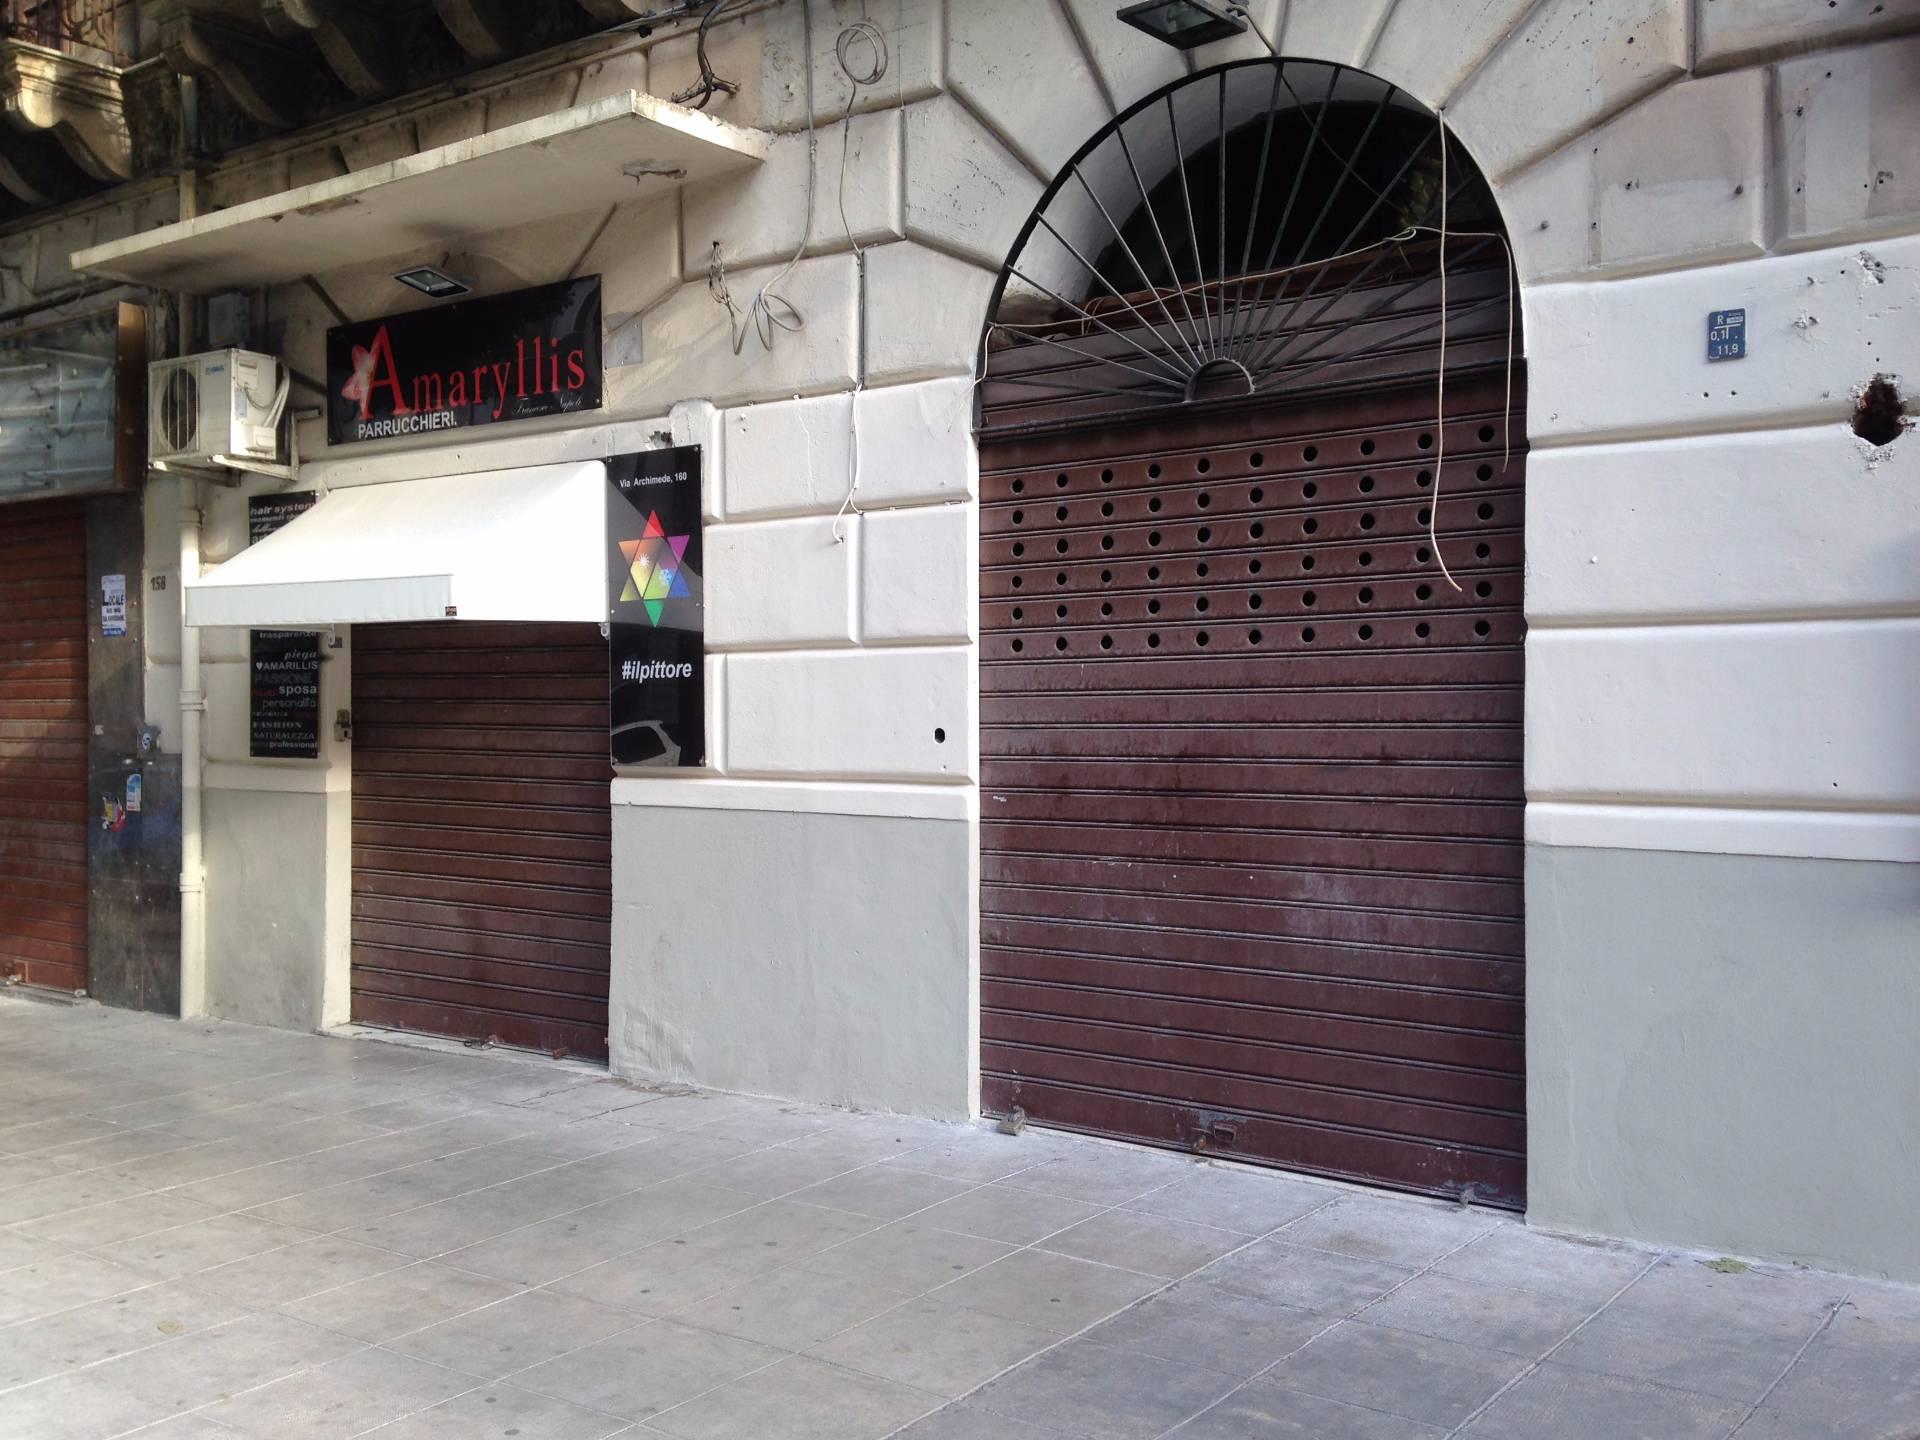 Negozio / Locale in affitto a Palermo, 9999 locali, zona Zona: Libertà, prezzo € 900 | CambioCasa.it